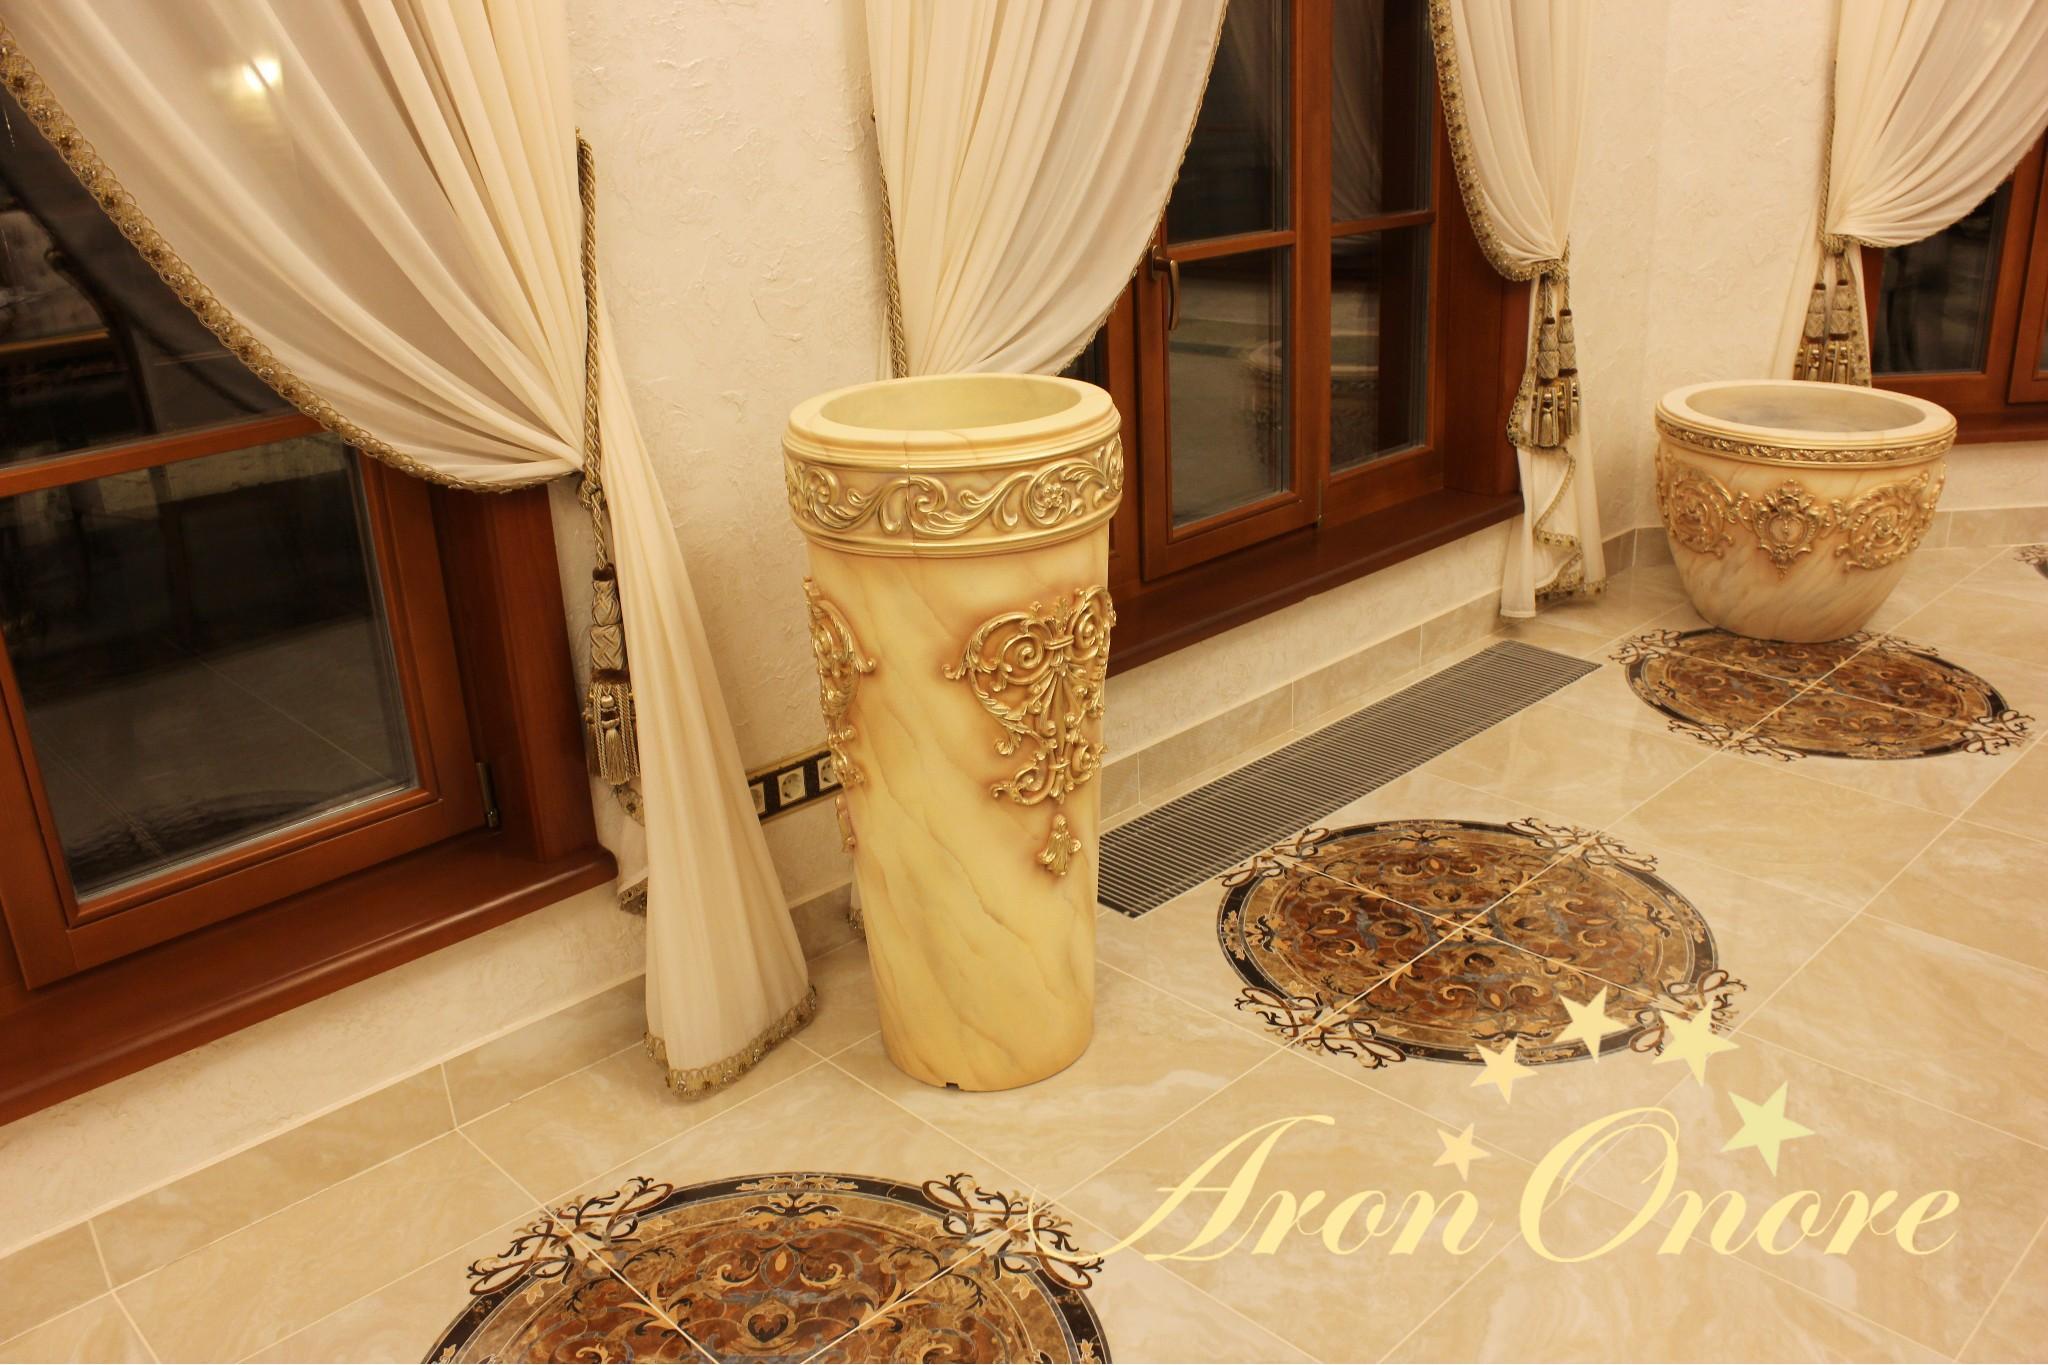 декорирование ваз Арон Оноре в интерьере